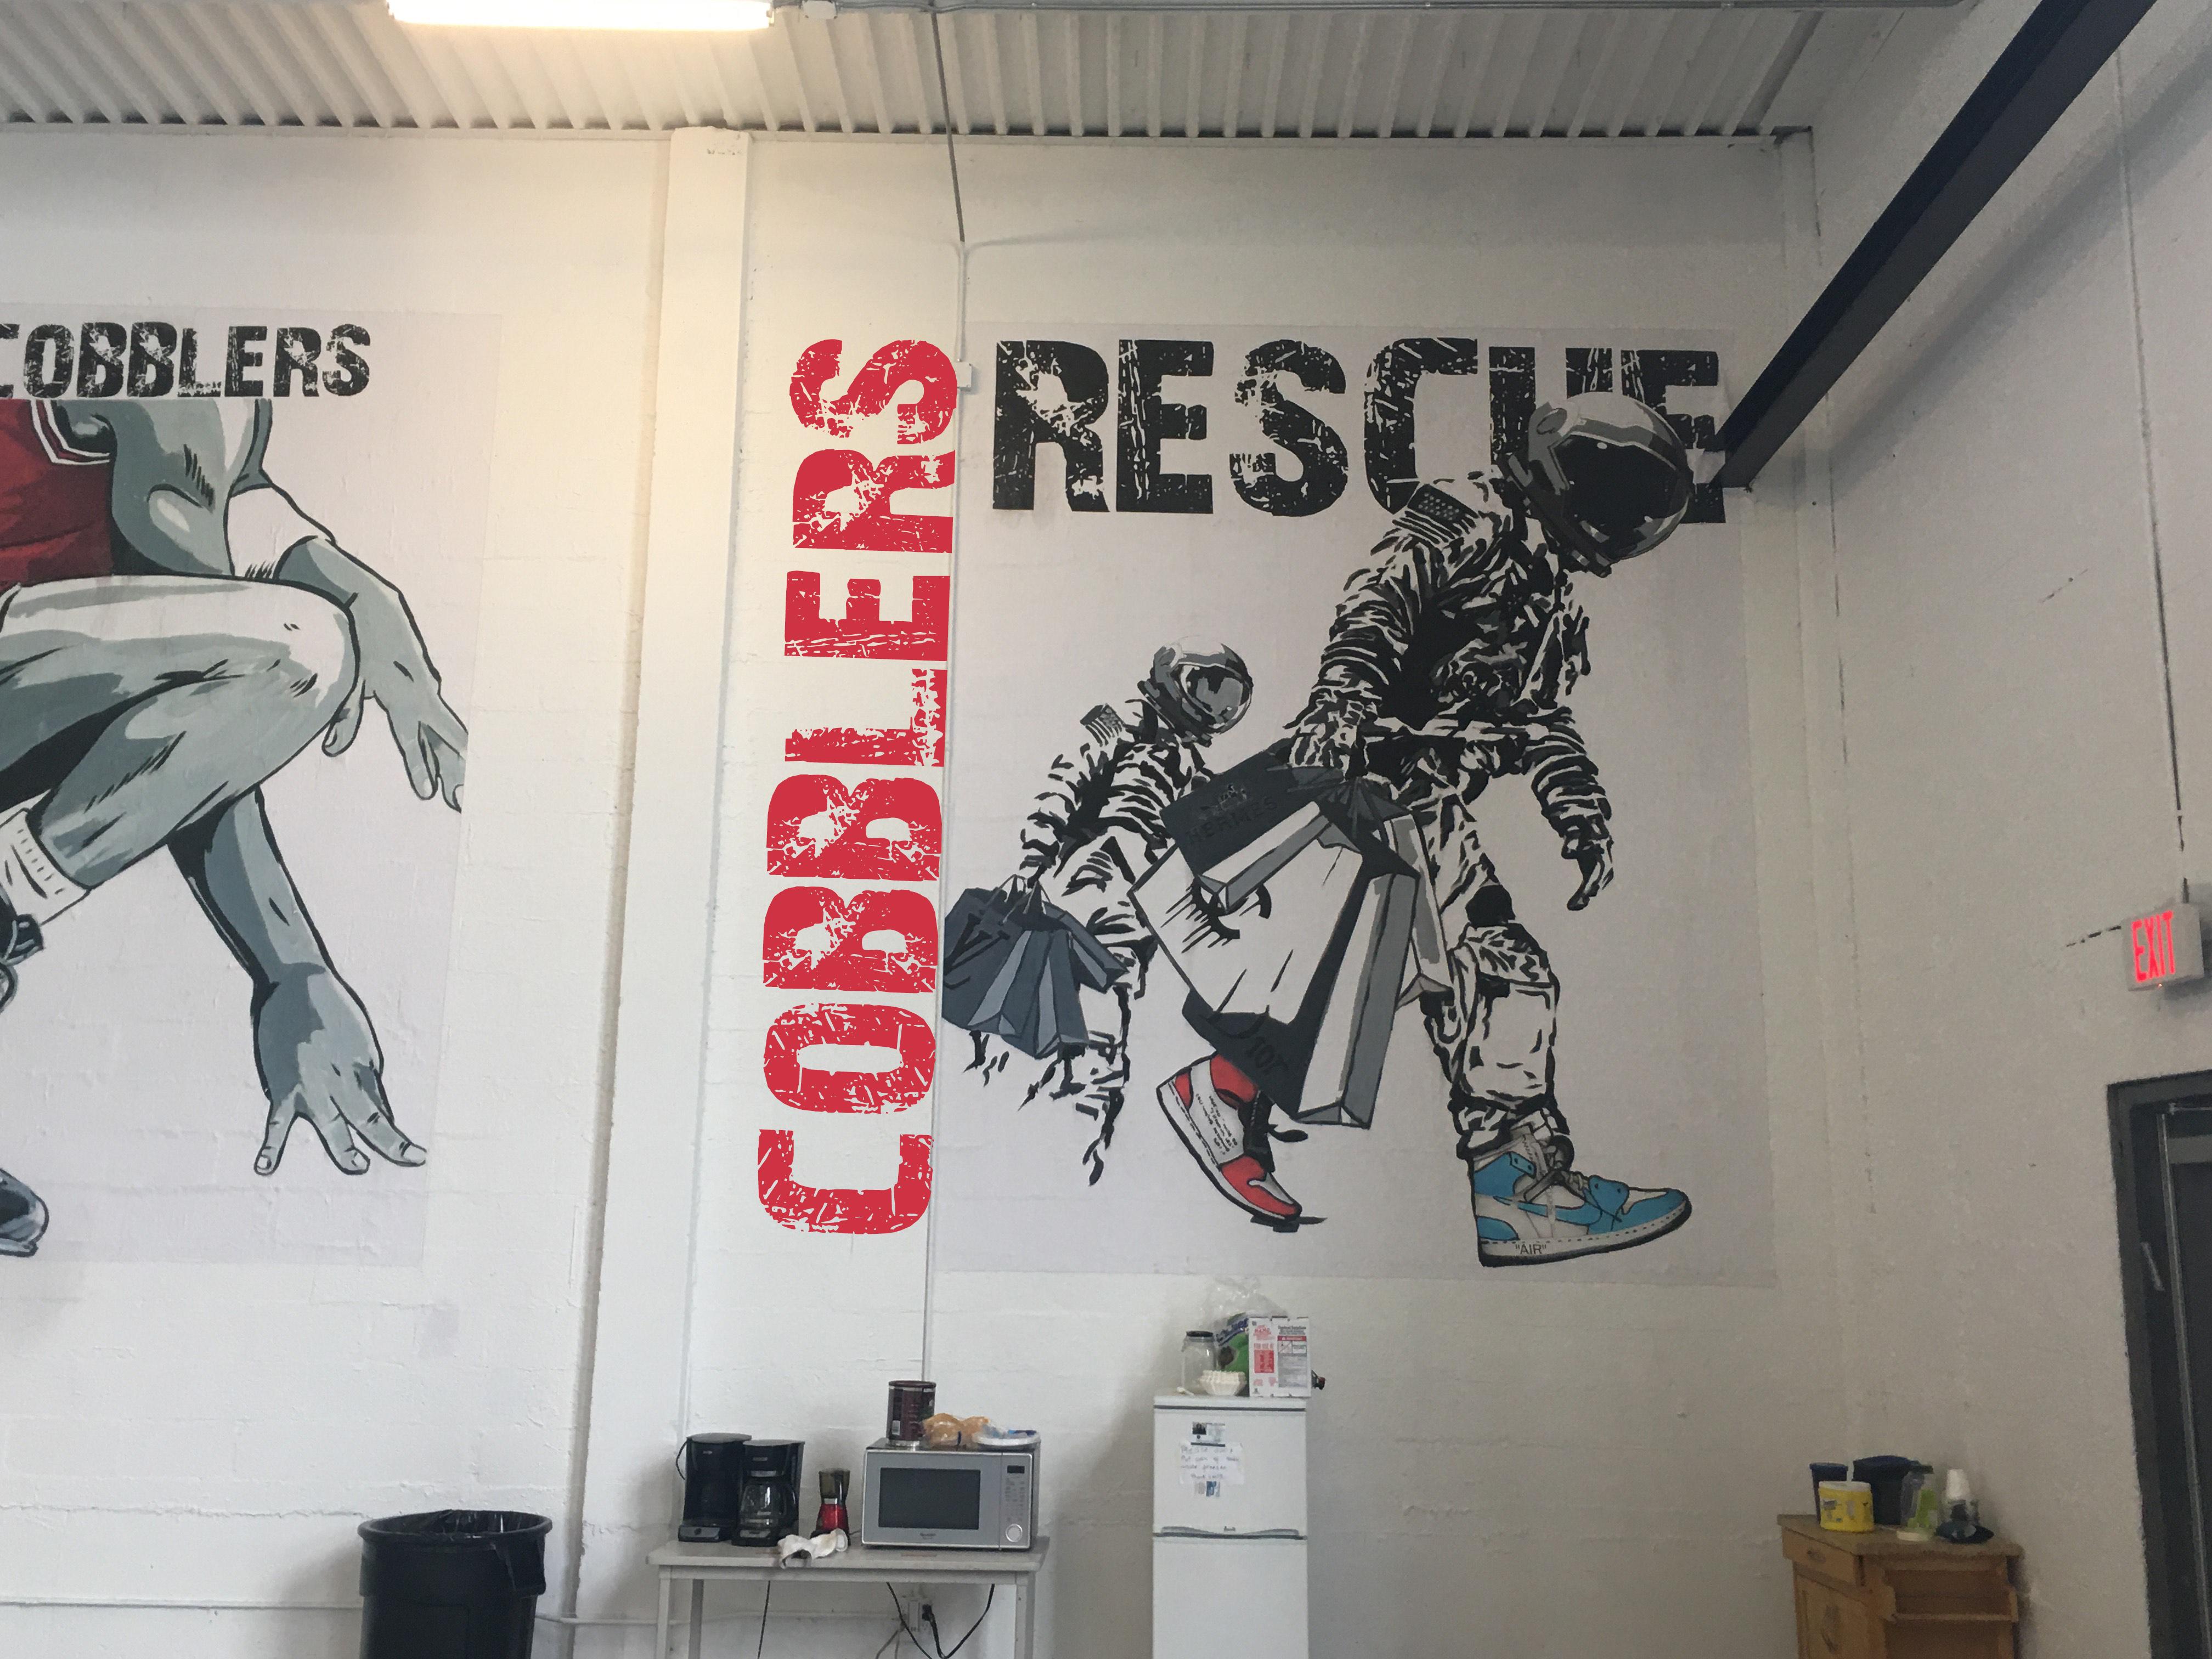 rectif cobblers